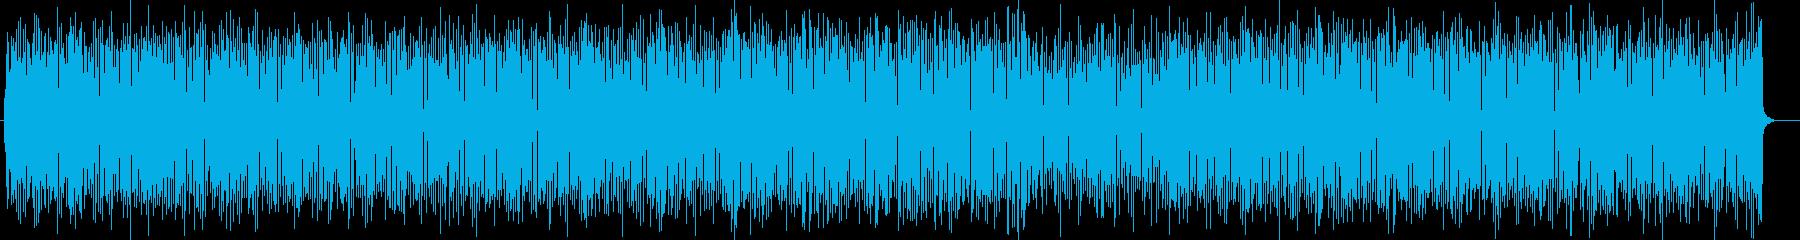 疾走感ある軽快なトランペットポップスの再生済みの波形